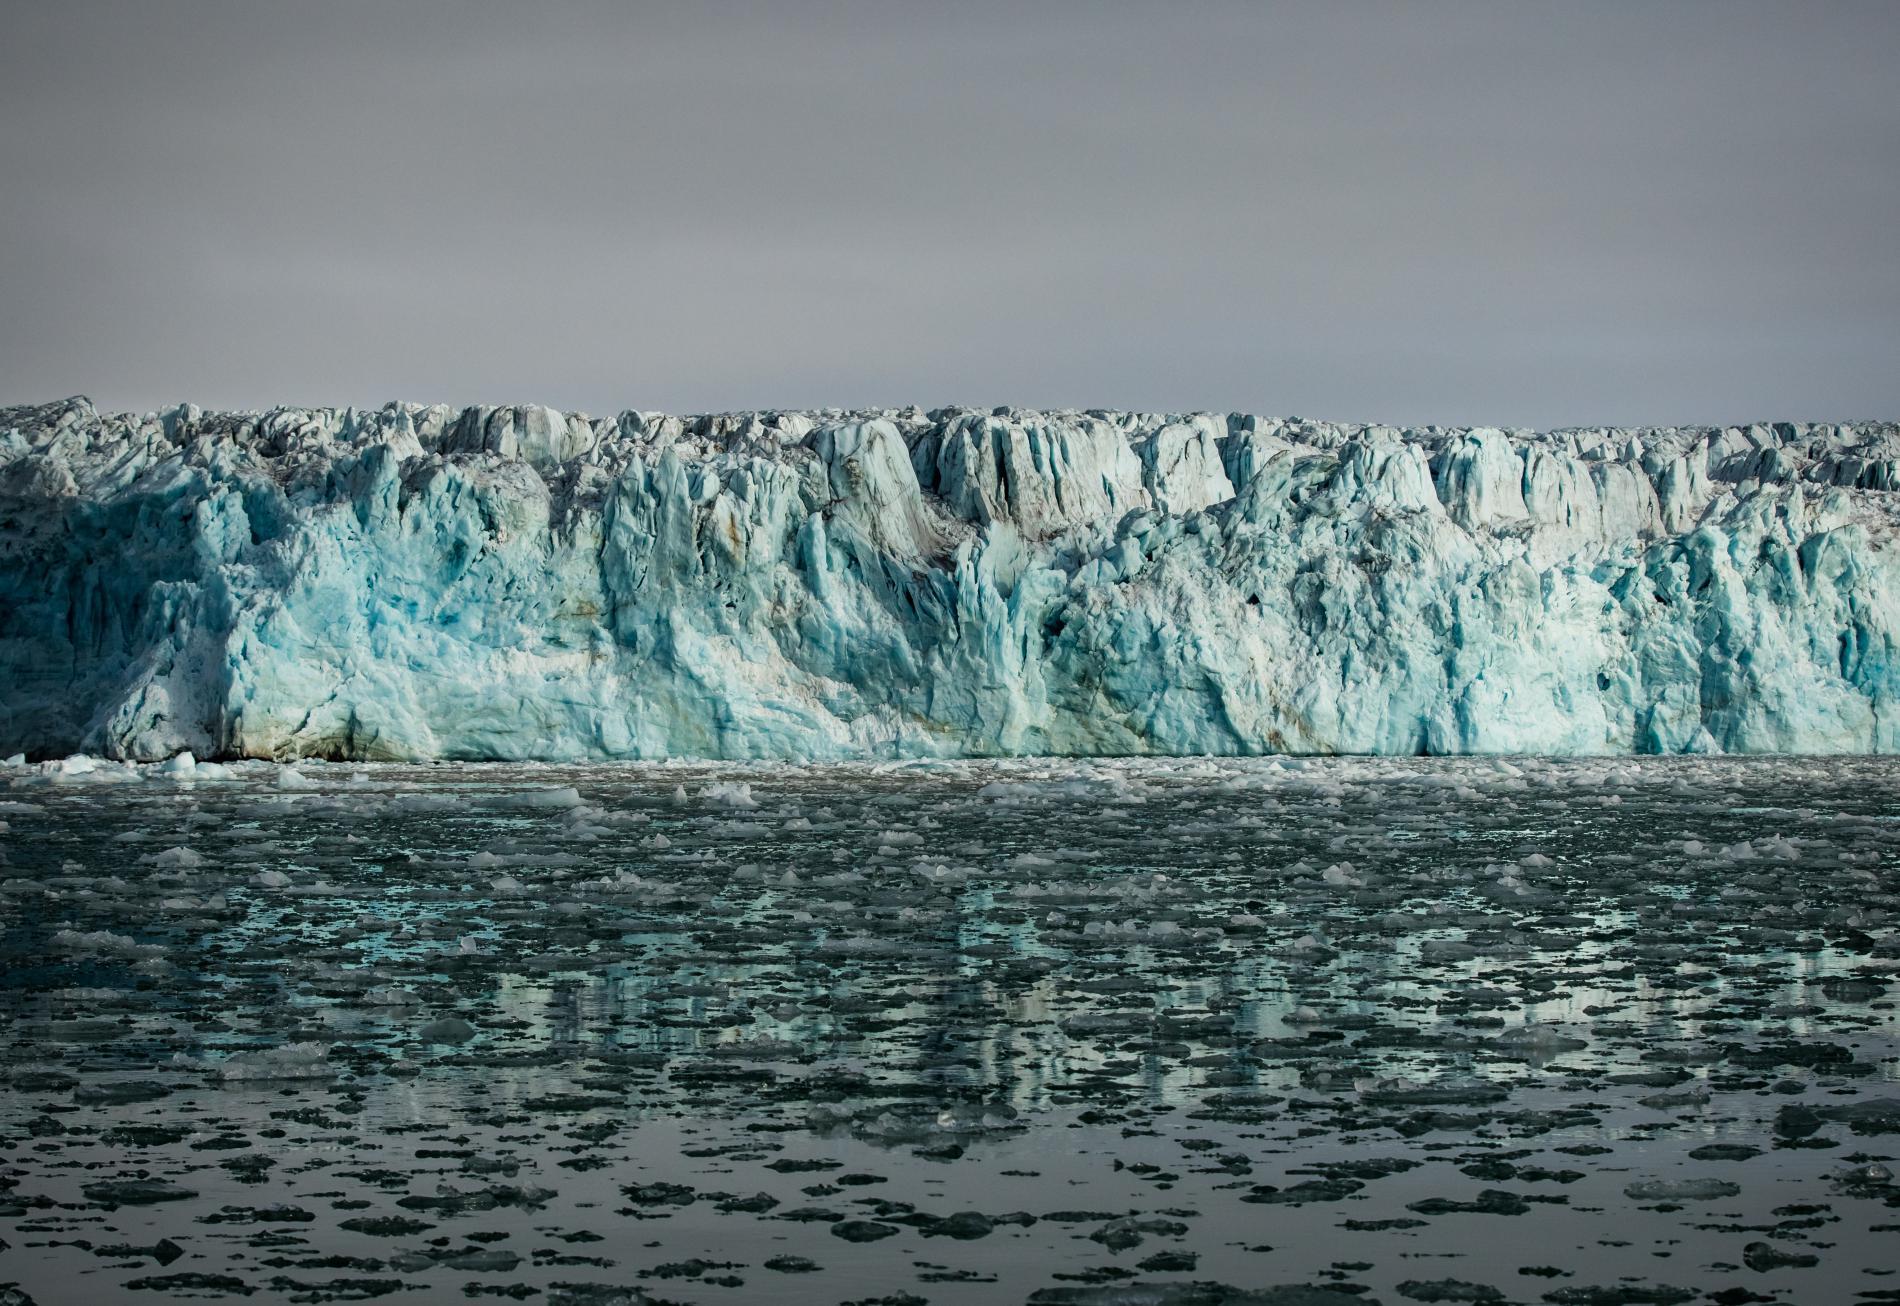 Le glacier de Lilliehook, sur l\'île de Spitzberg, dans l\'archipel de Svalbard (Norvège), en 2017.